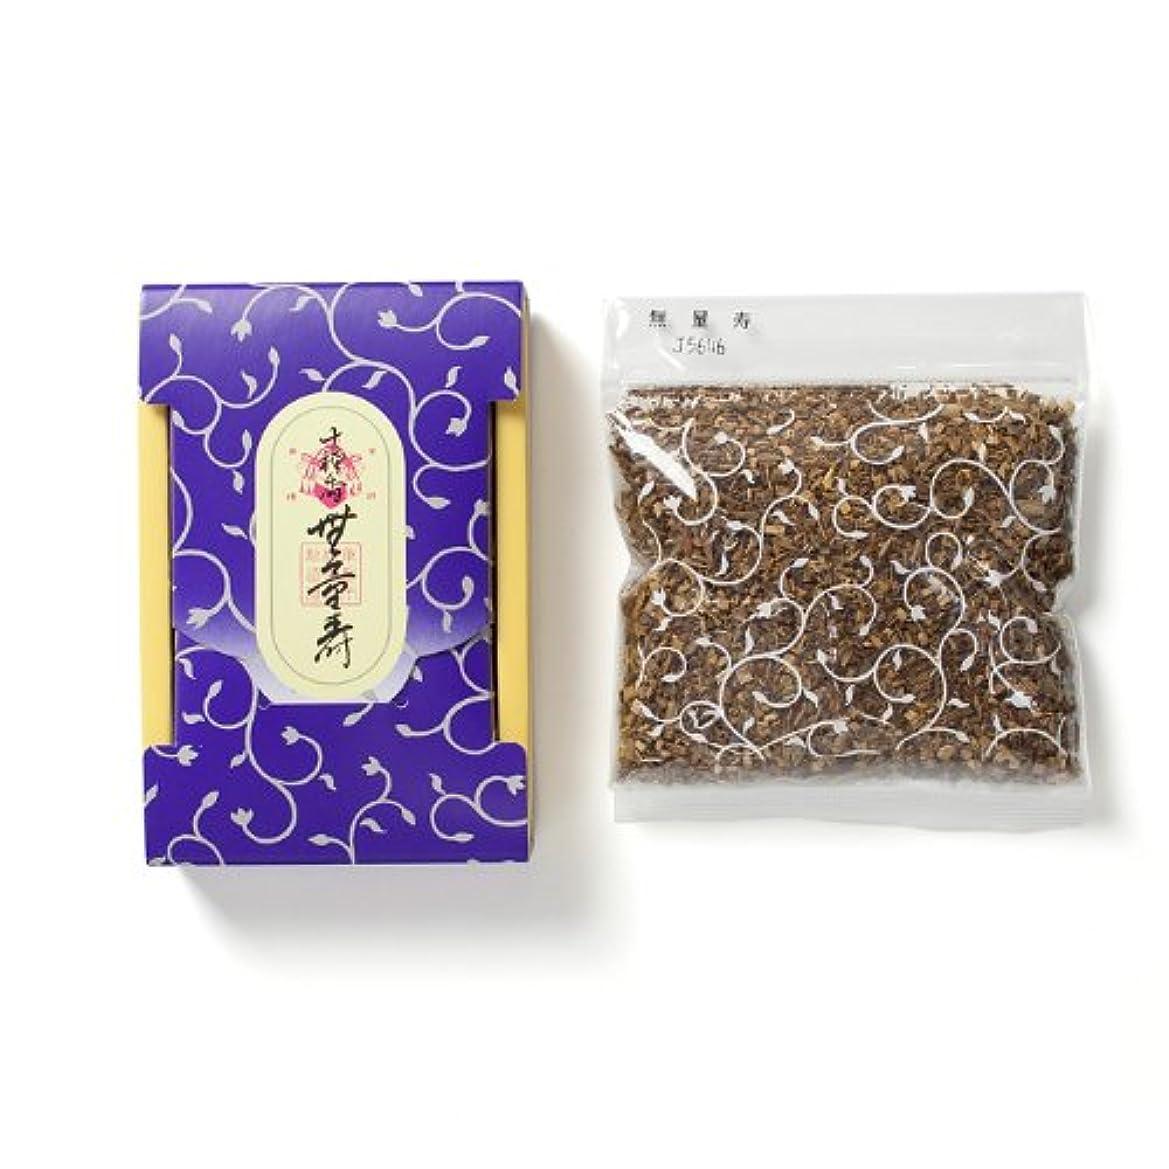 百万サスペンションおなかがすいた松栄堂のお焼香 十種香 無量寿 25g詰 小箱入 #410841